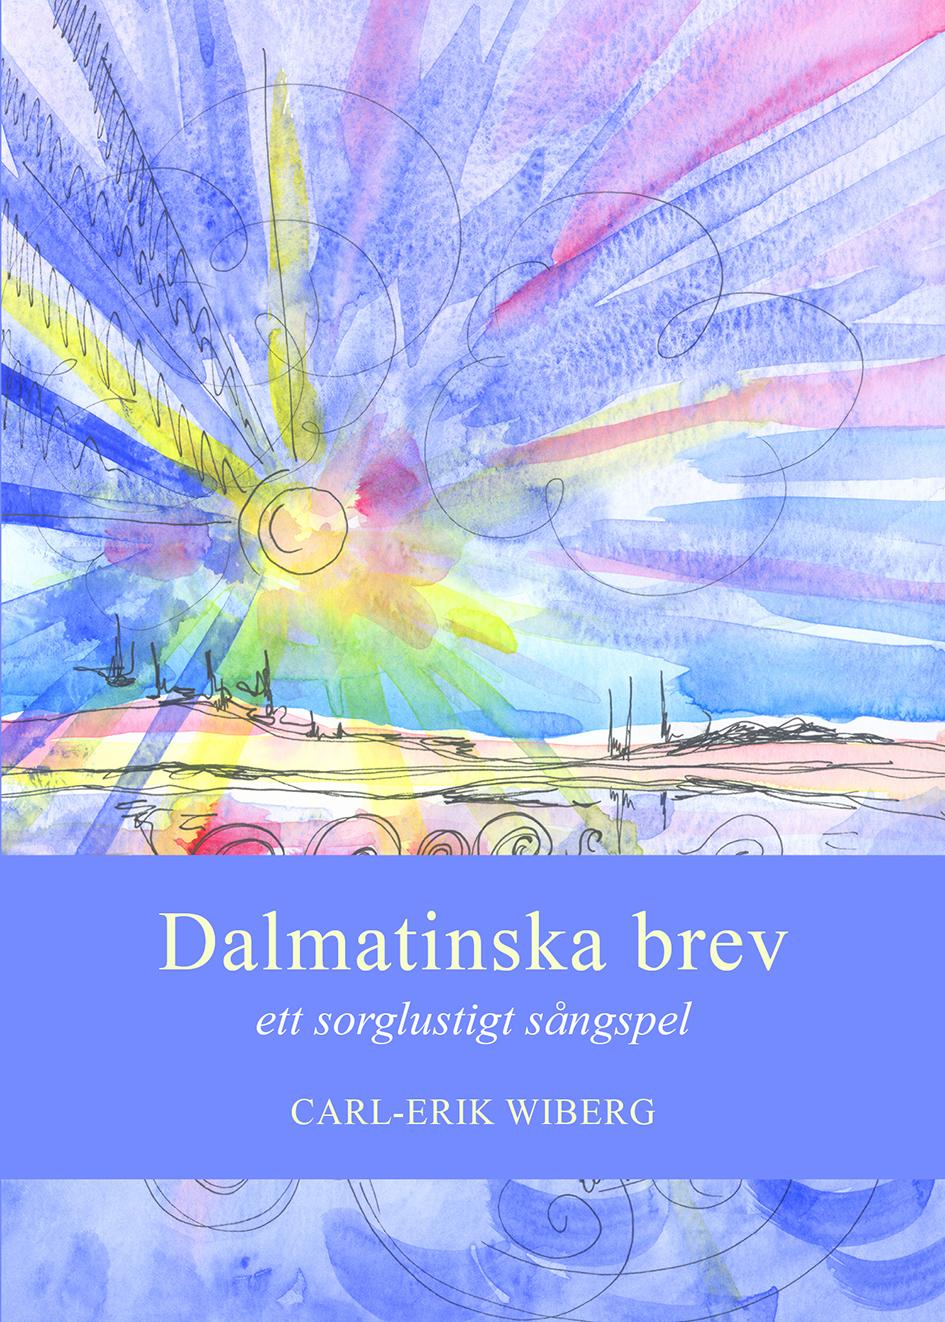 Dalmatinska brev